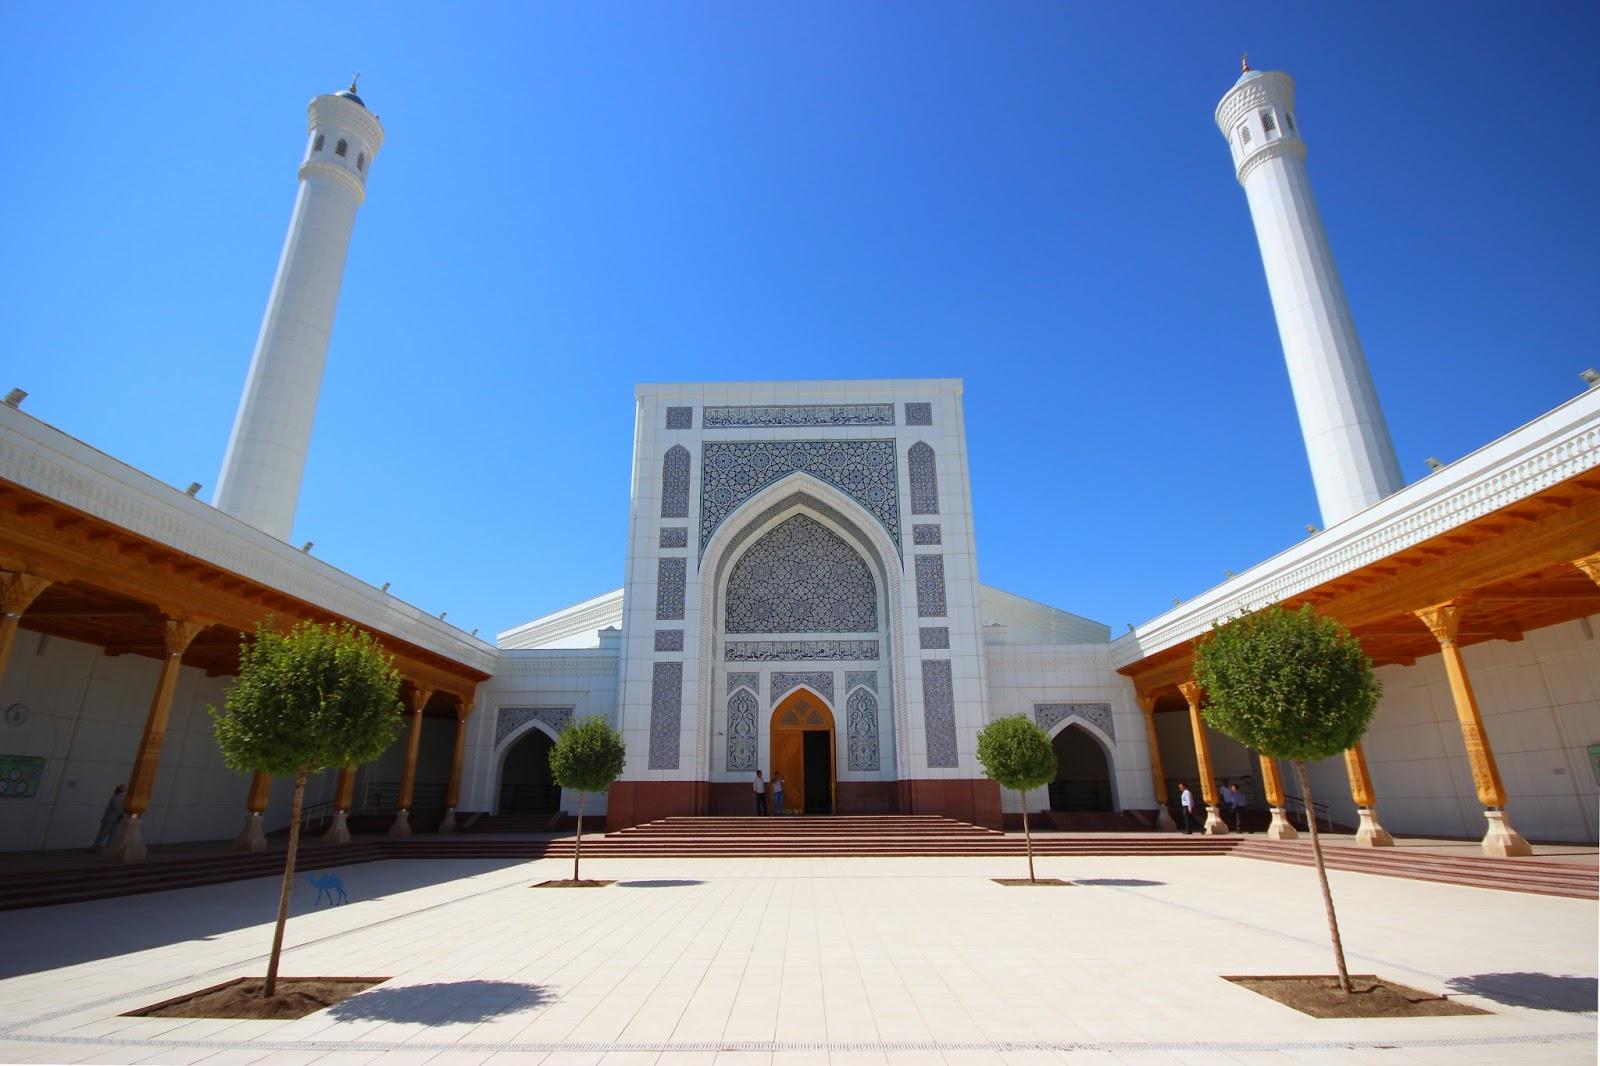 Le Chameau Bleu - Mosquée Blanche Minor - Tashkent